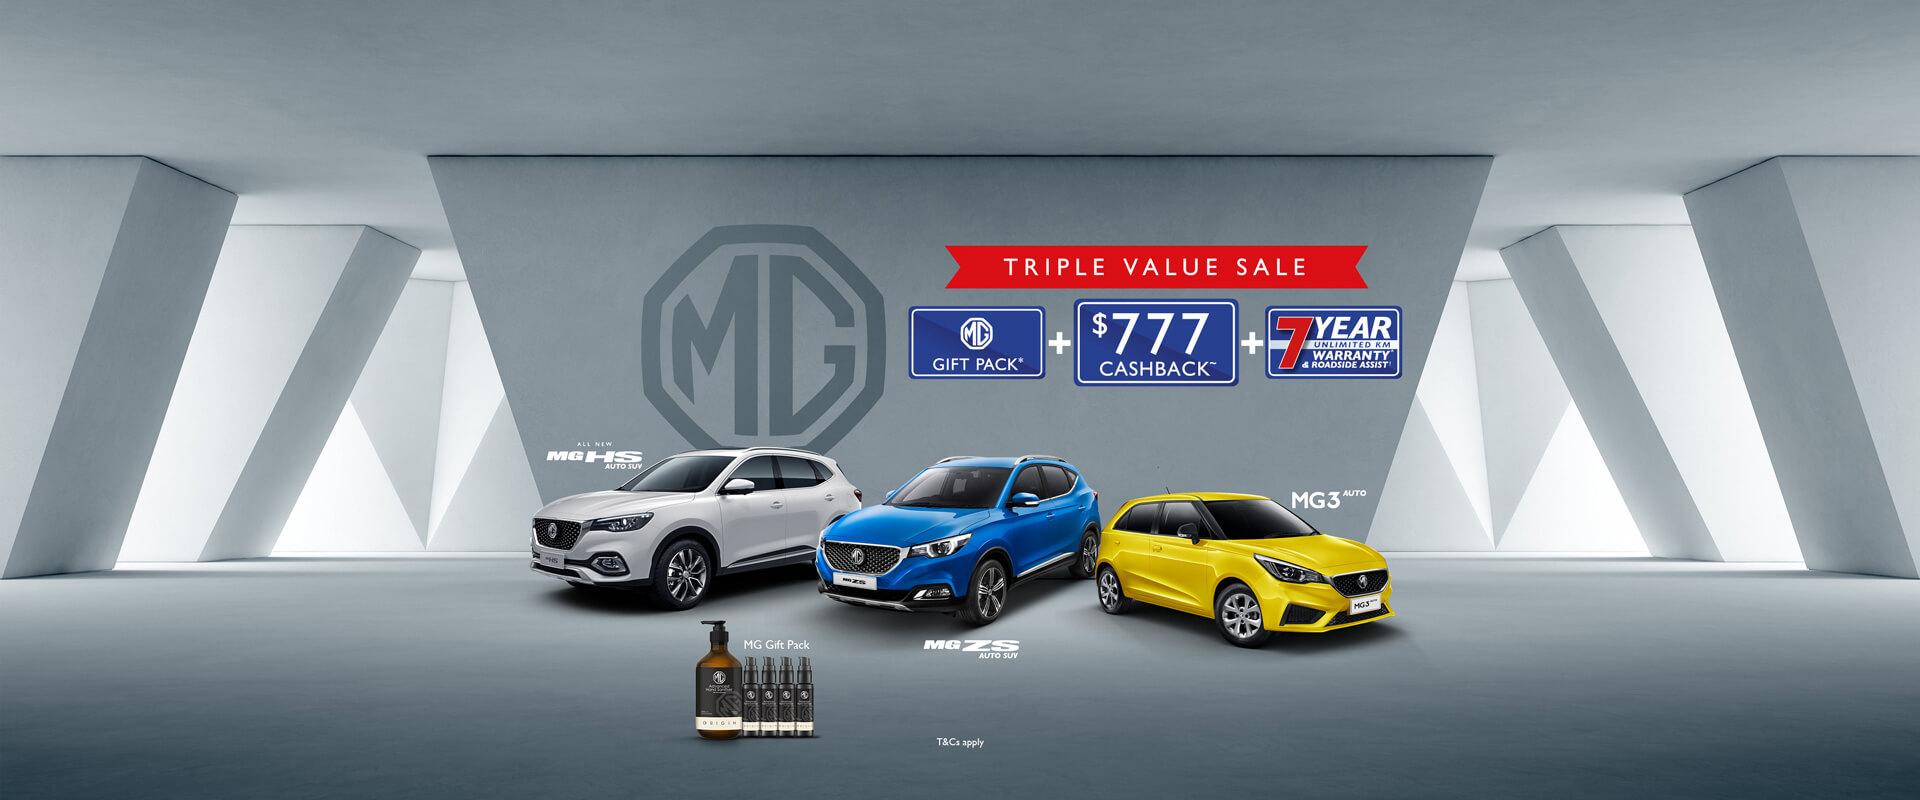 MG Triple Value Sale